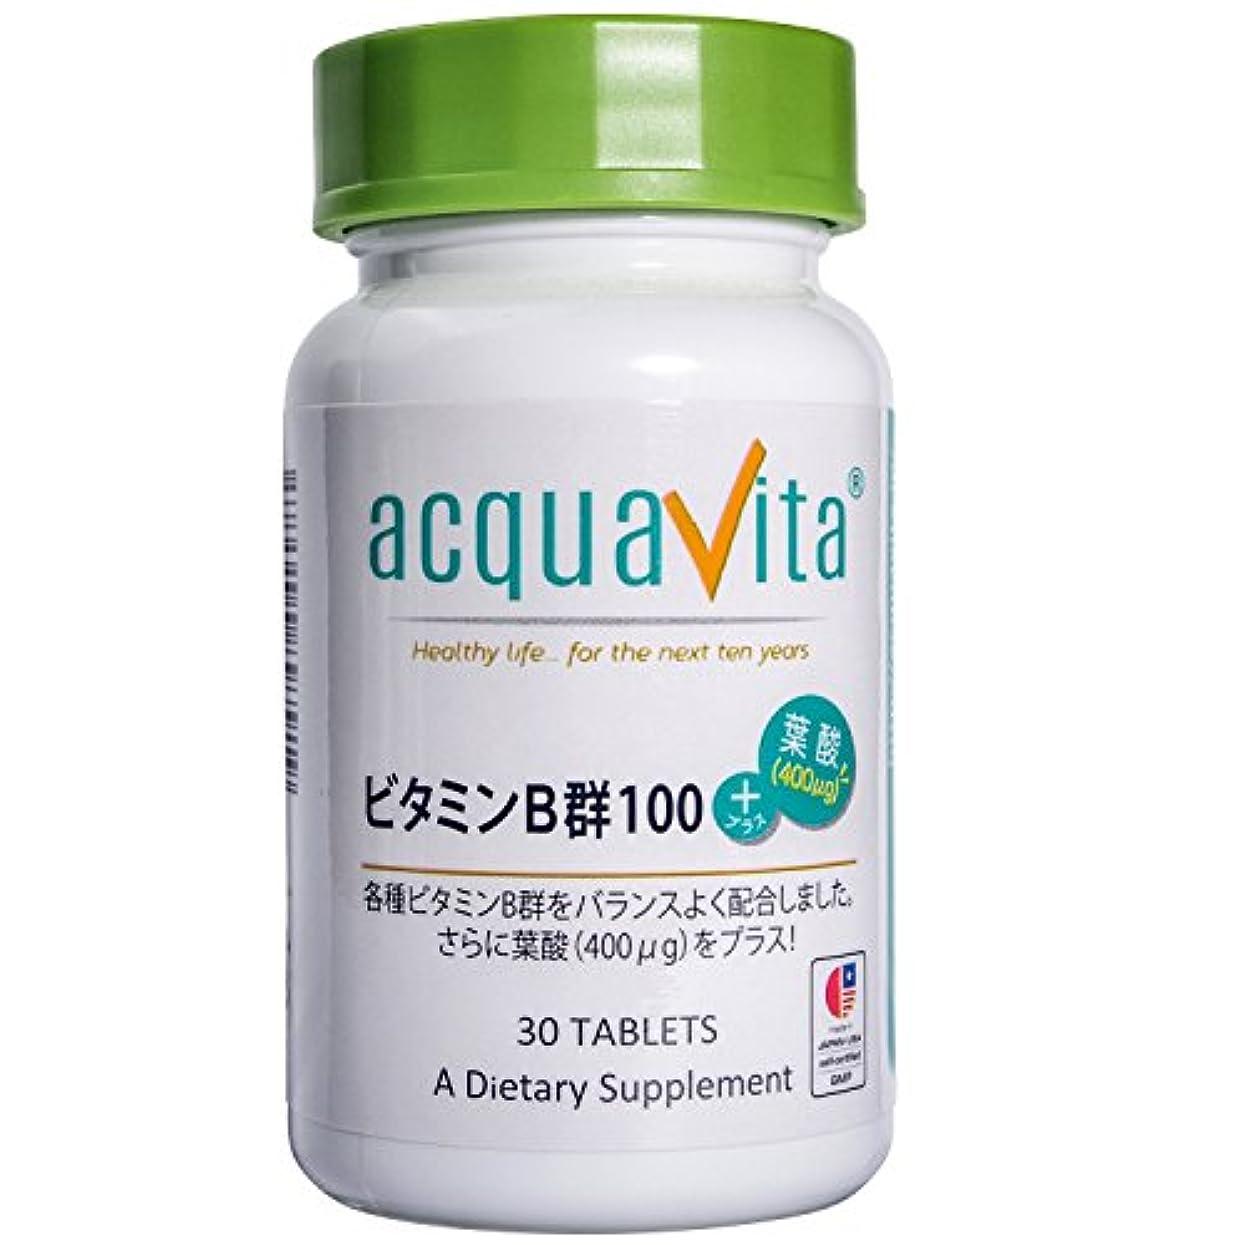 貨物シャンプーリストacquavita(アクアヴィータ) ビタミンB群100+葉酸(400μg) 30粒